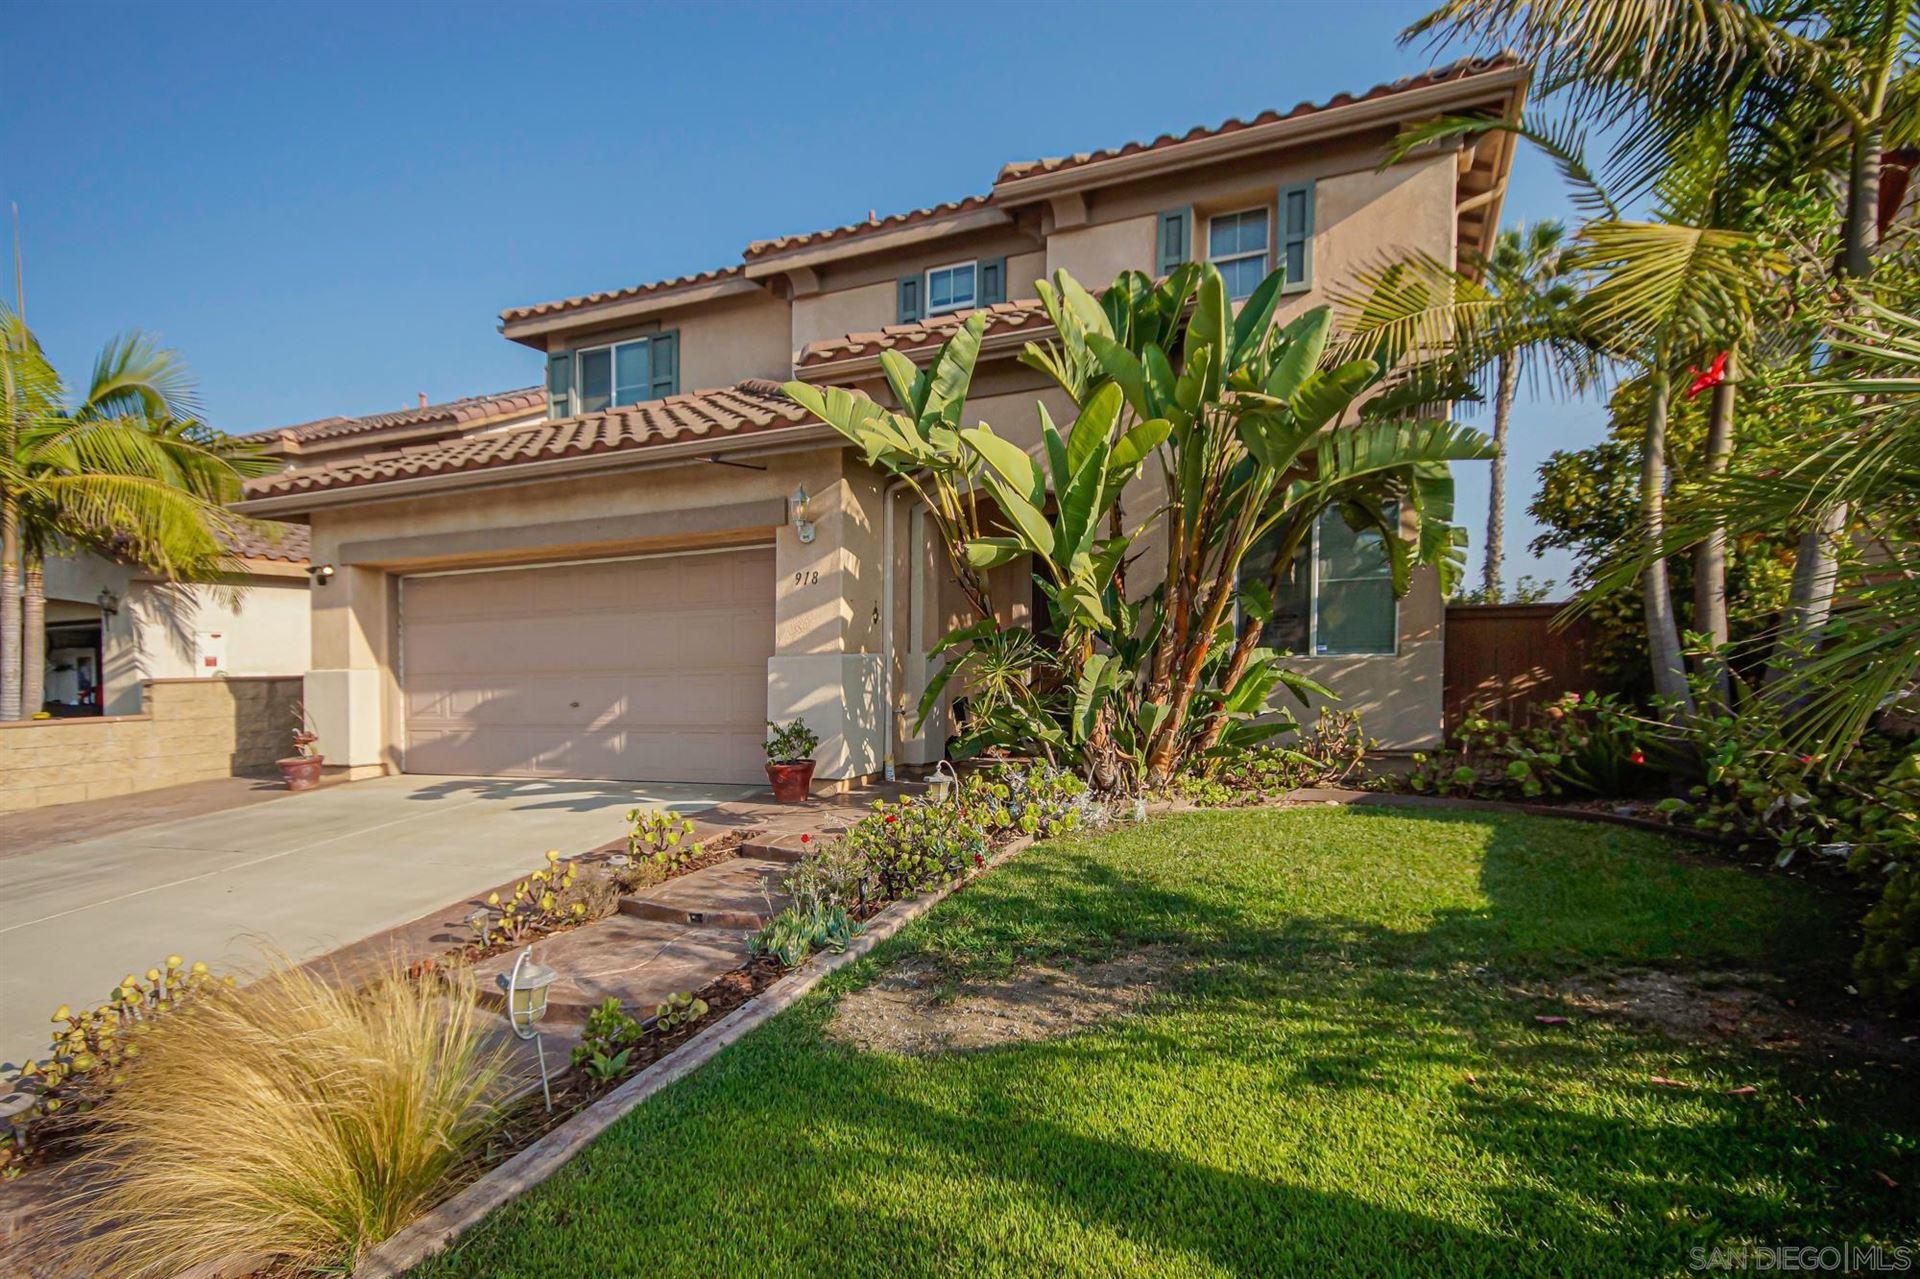 Photo of 918 Rigley St., Chula Vista, CA 91911 (MLS # 210026491)